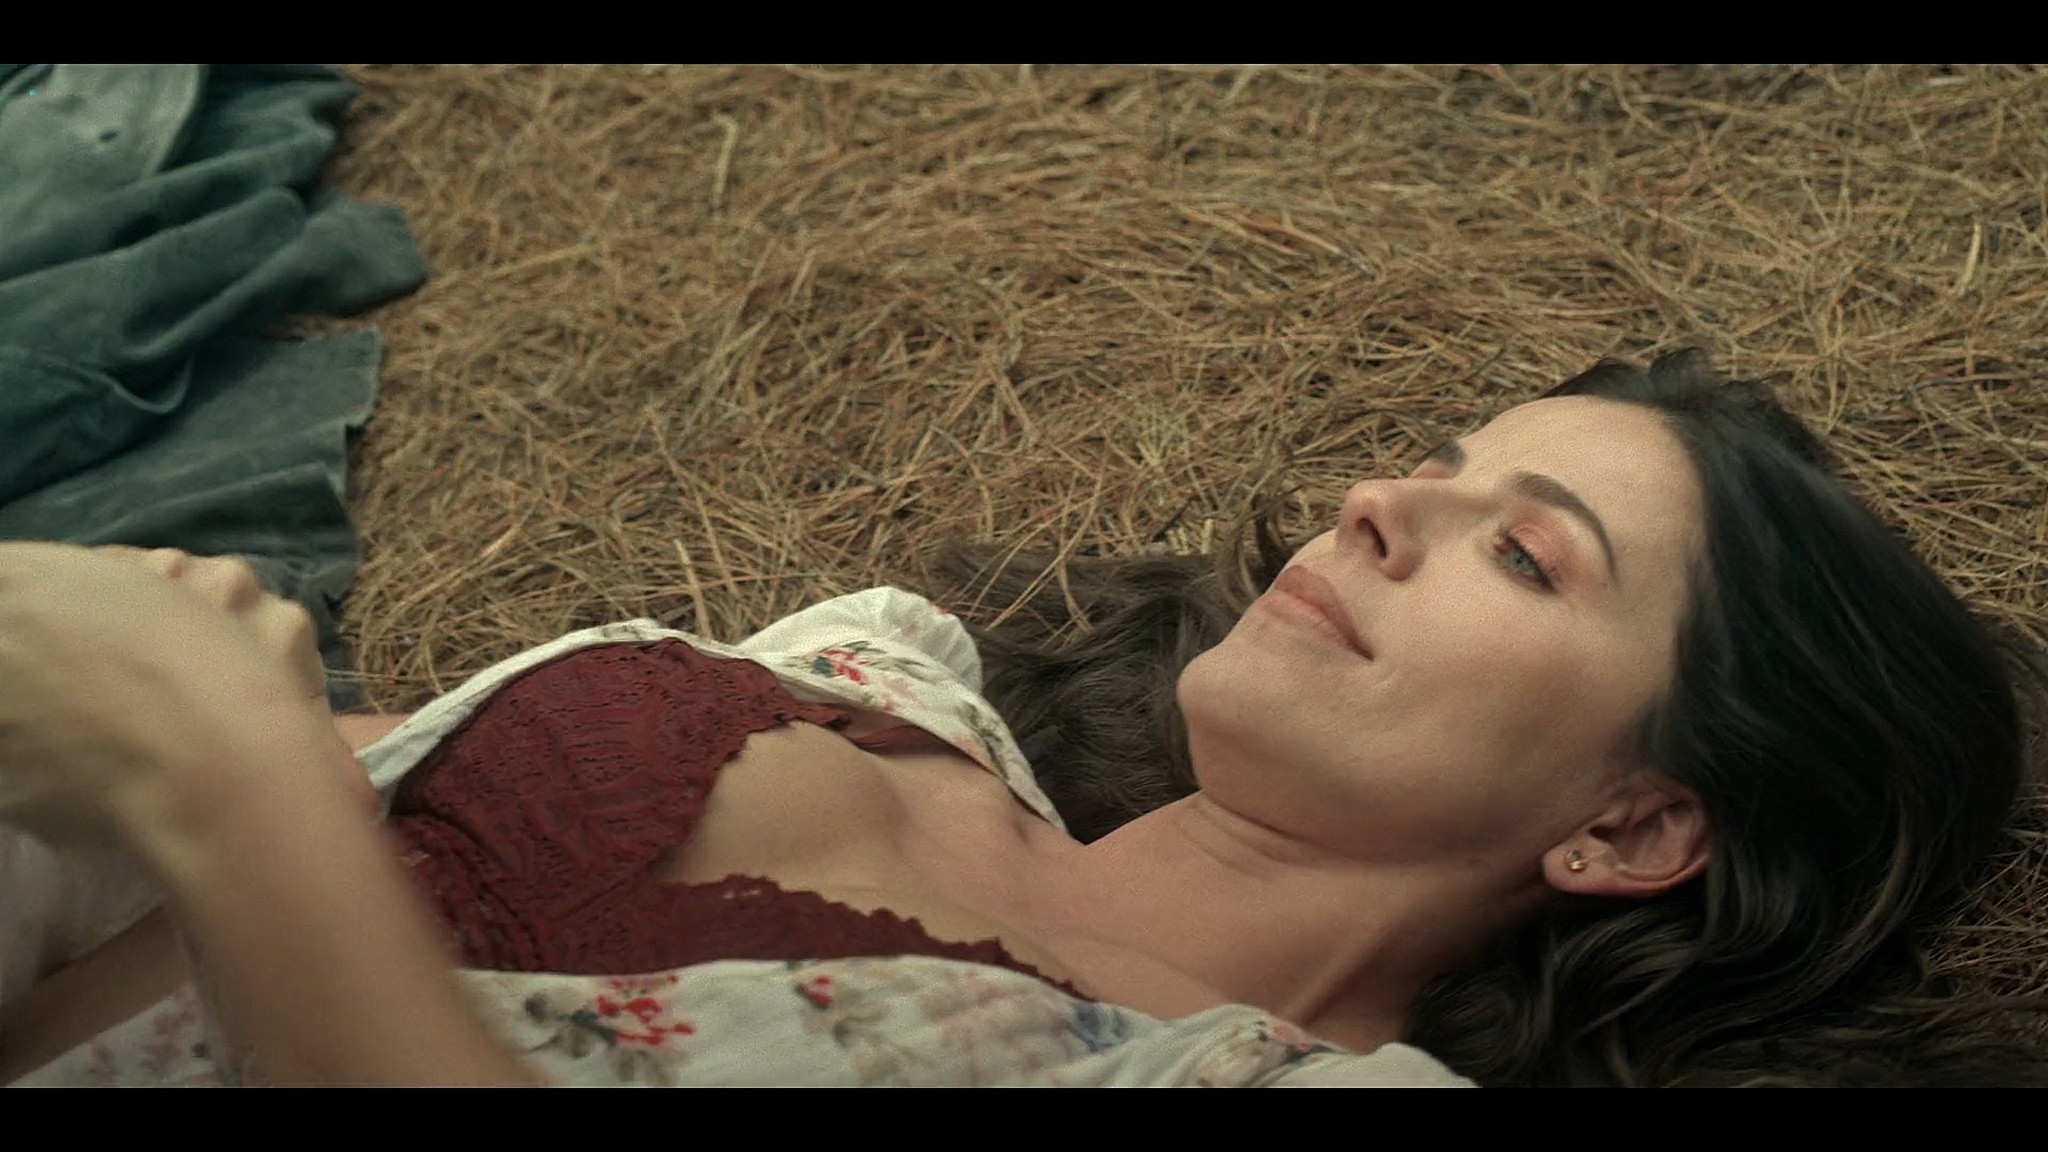 Maite Perroni nude sex Maria Fernanda Yepes Regina Pavon hot sex Dark Desire 2020 s1e1 2 HD 1080p Web 16